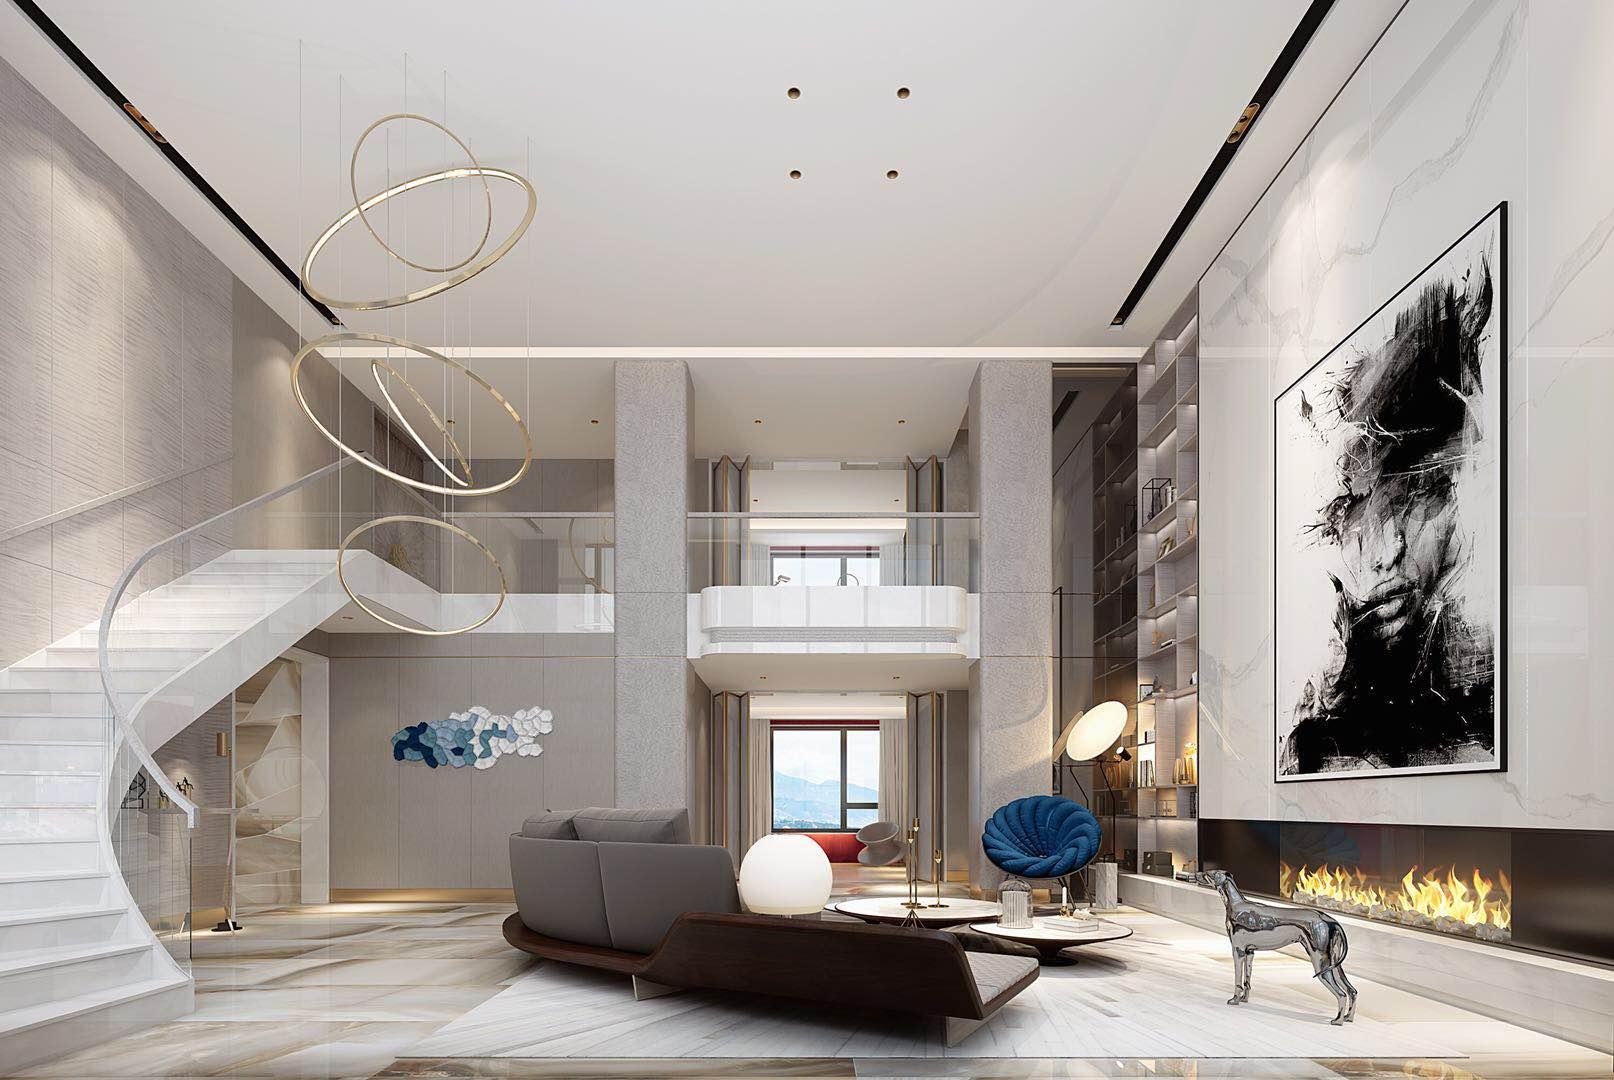 别墅 设计 装修 案例 现代轻奢 客厅图片来自无锡别墅设计s在金匮大观500㎡别墅现代轻奢案例的分享